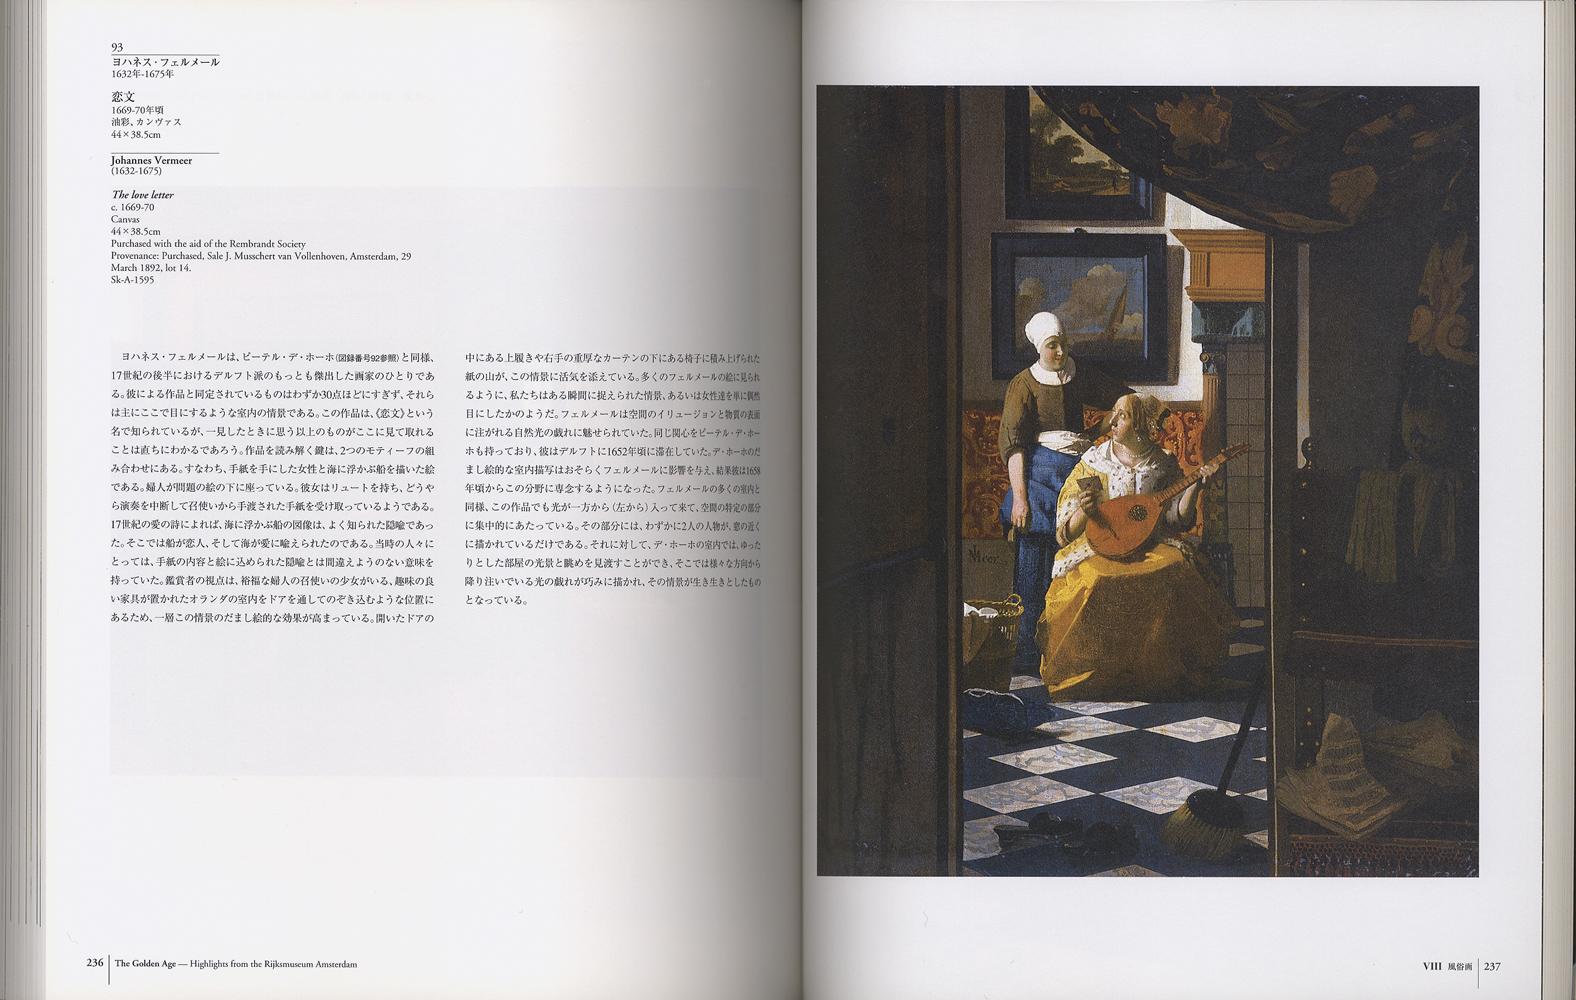 オランダ絵画の黄金時代 アムステルダム国立美術館展図録[image5]